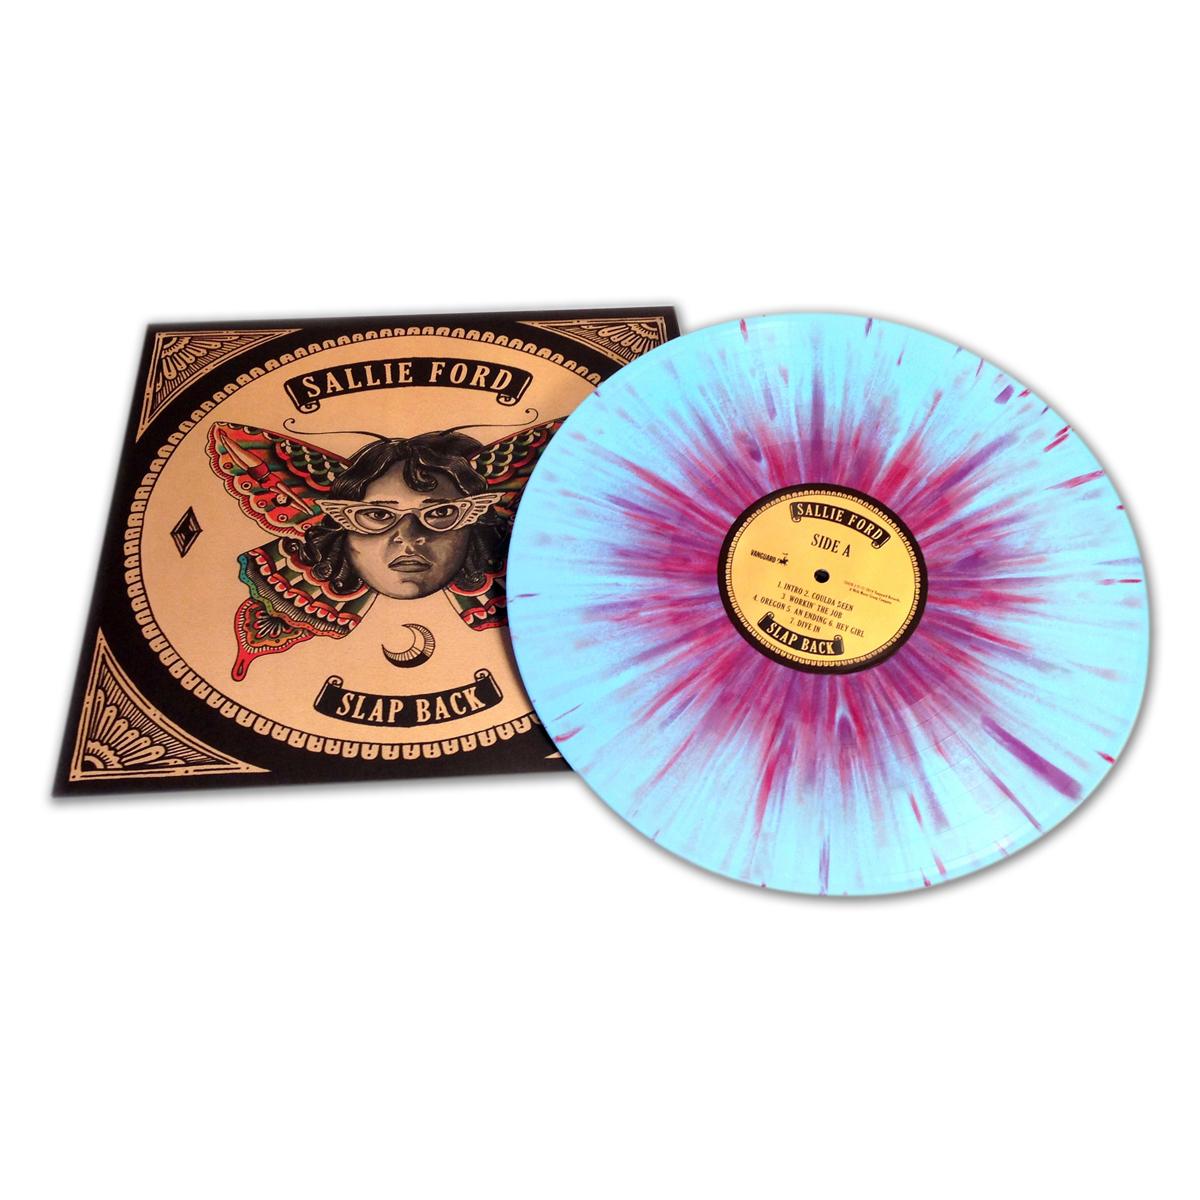 Sallie Ford - Slap Back Vinyl